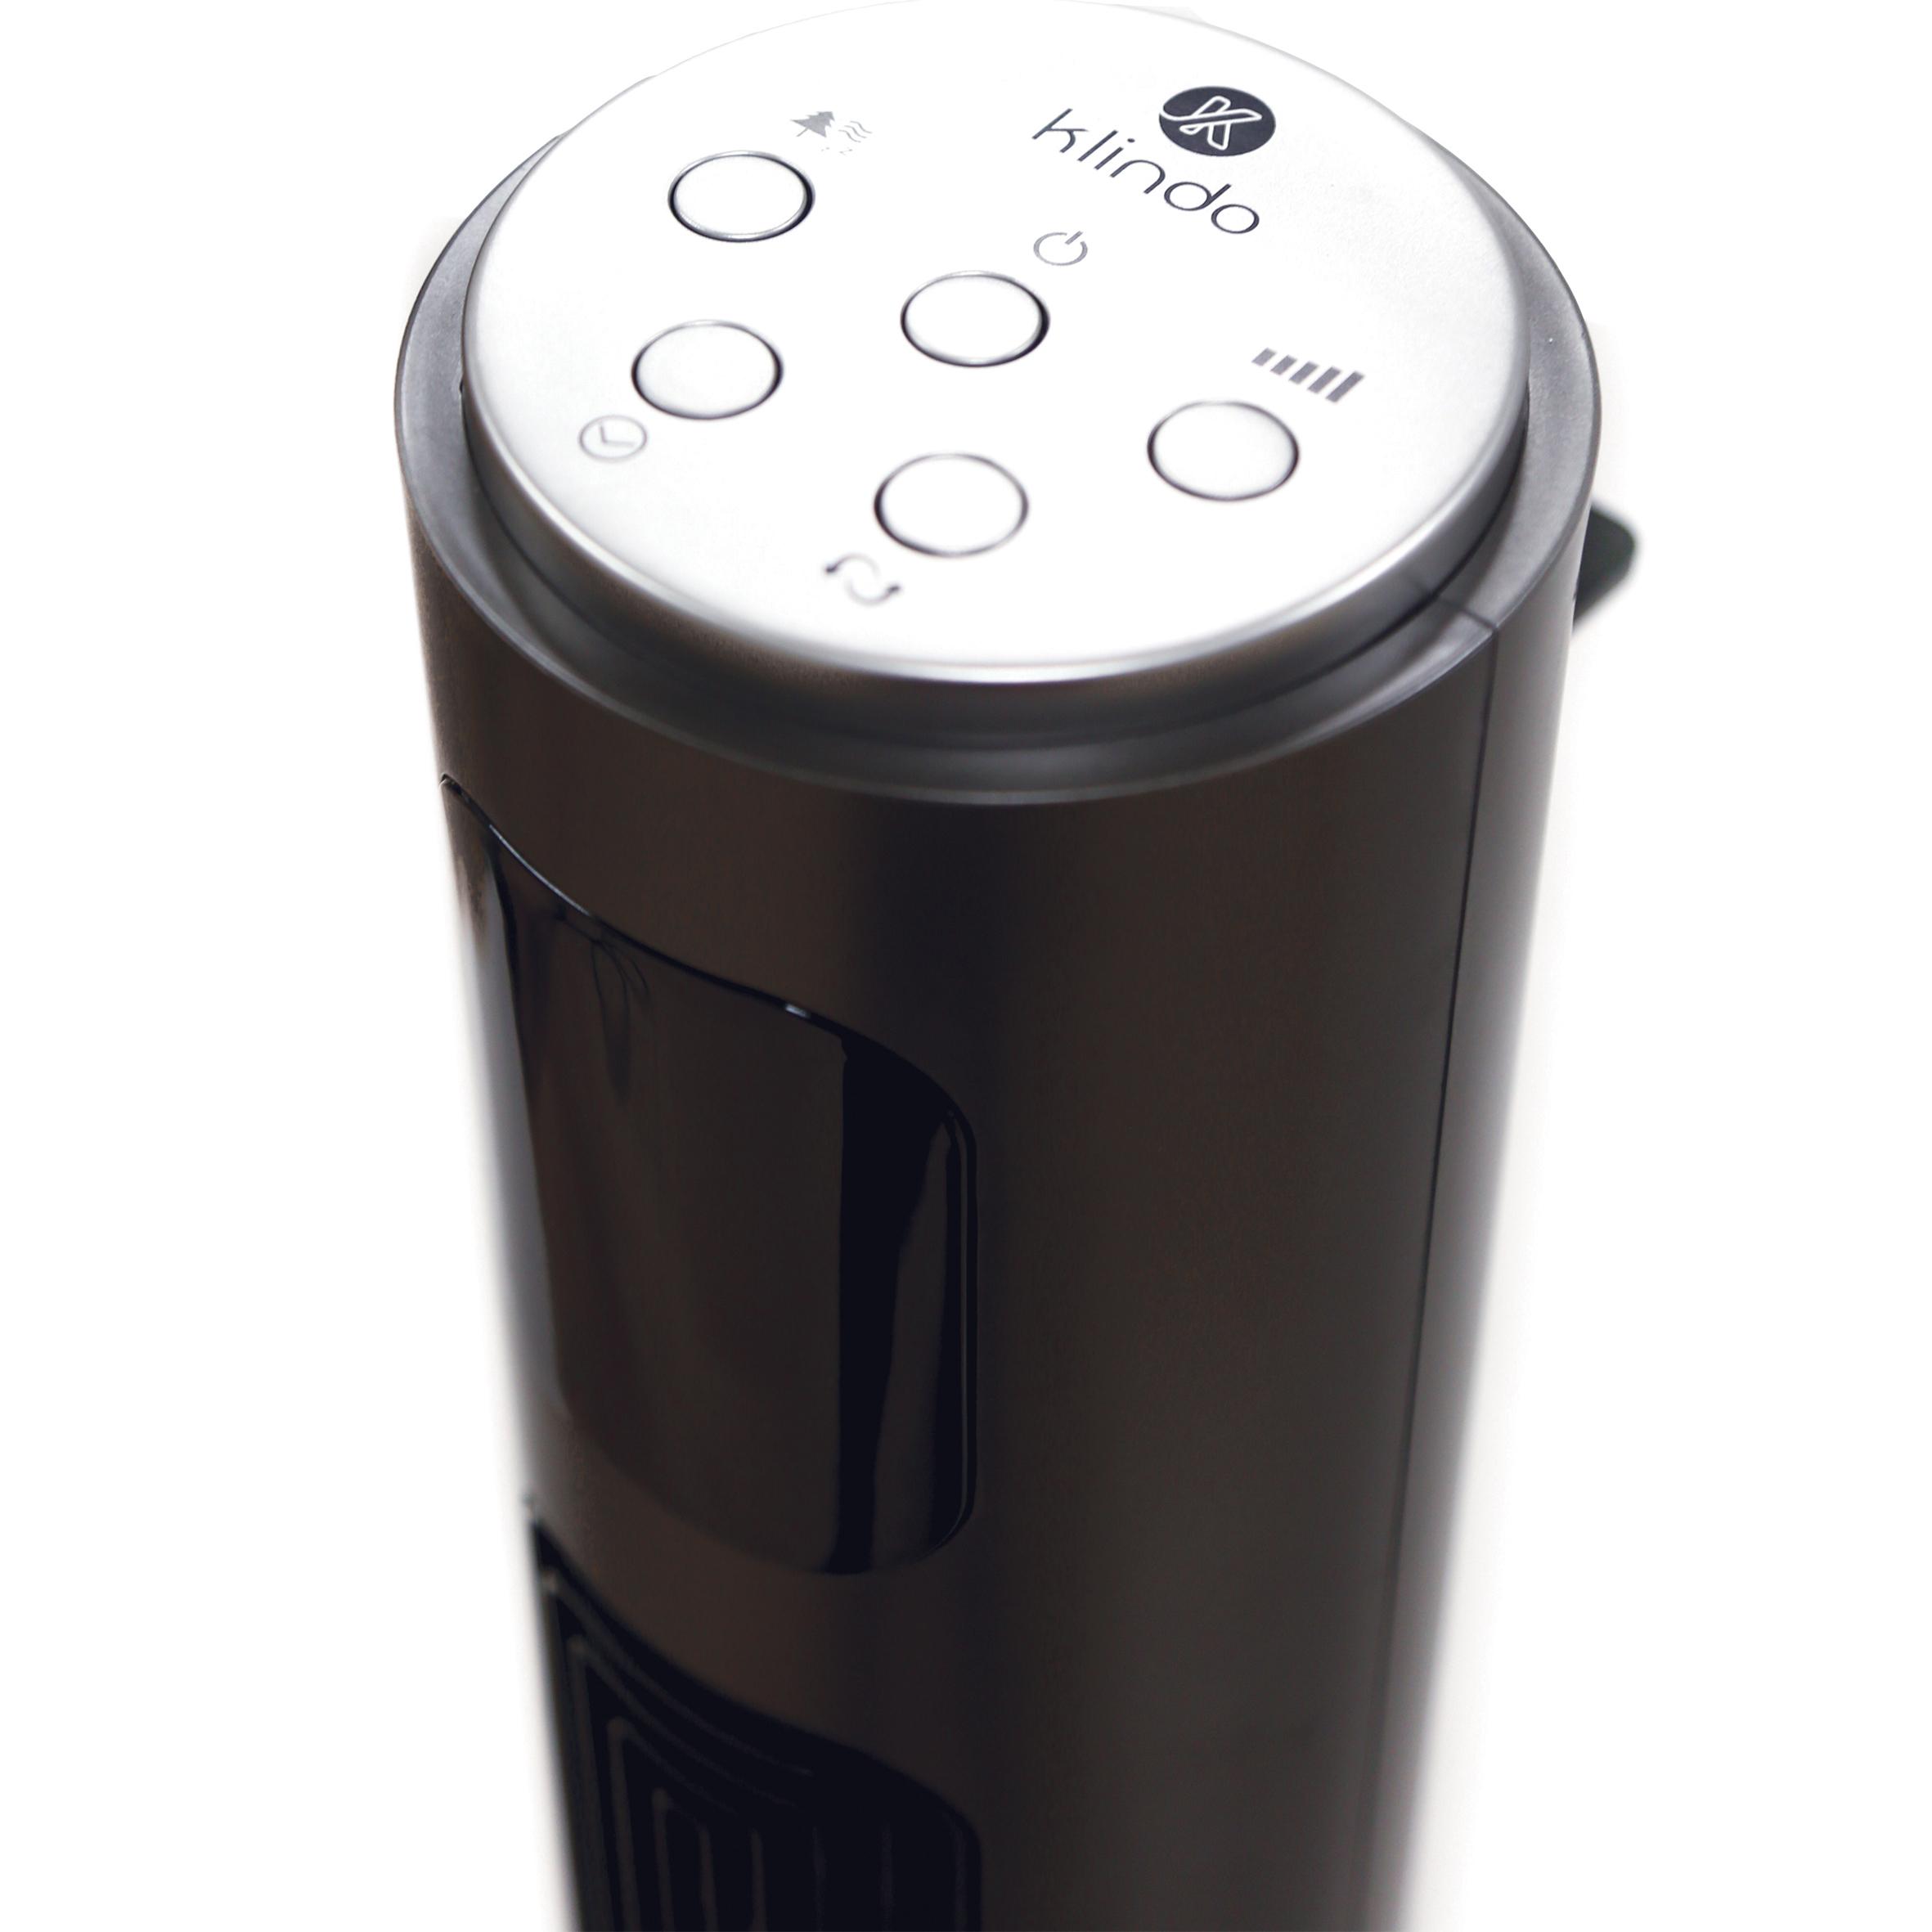 Klindo ventilateur colonne ktf36rc 17 pas cher achat vente ventilateur rueducommerce - Ventilateur colonne pas cher ...